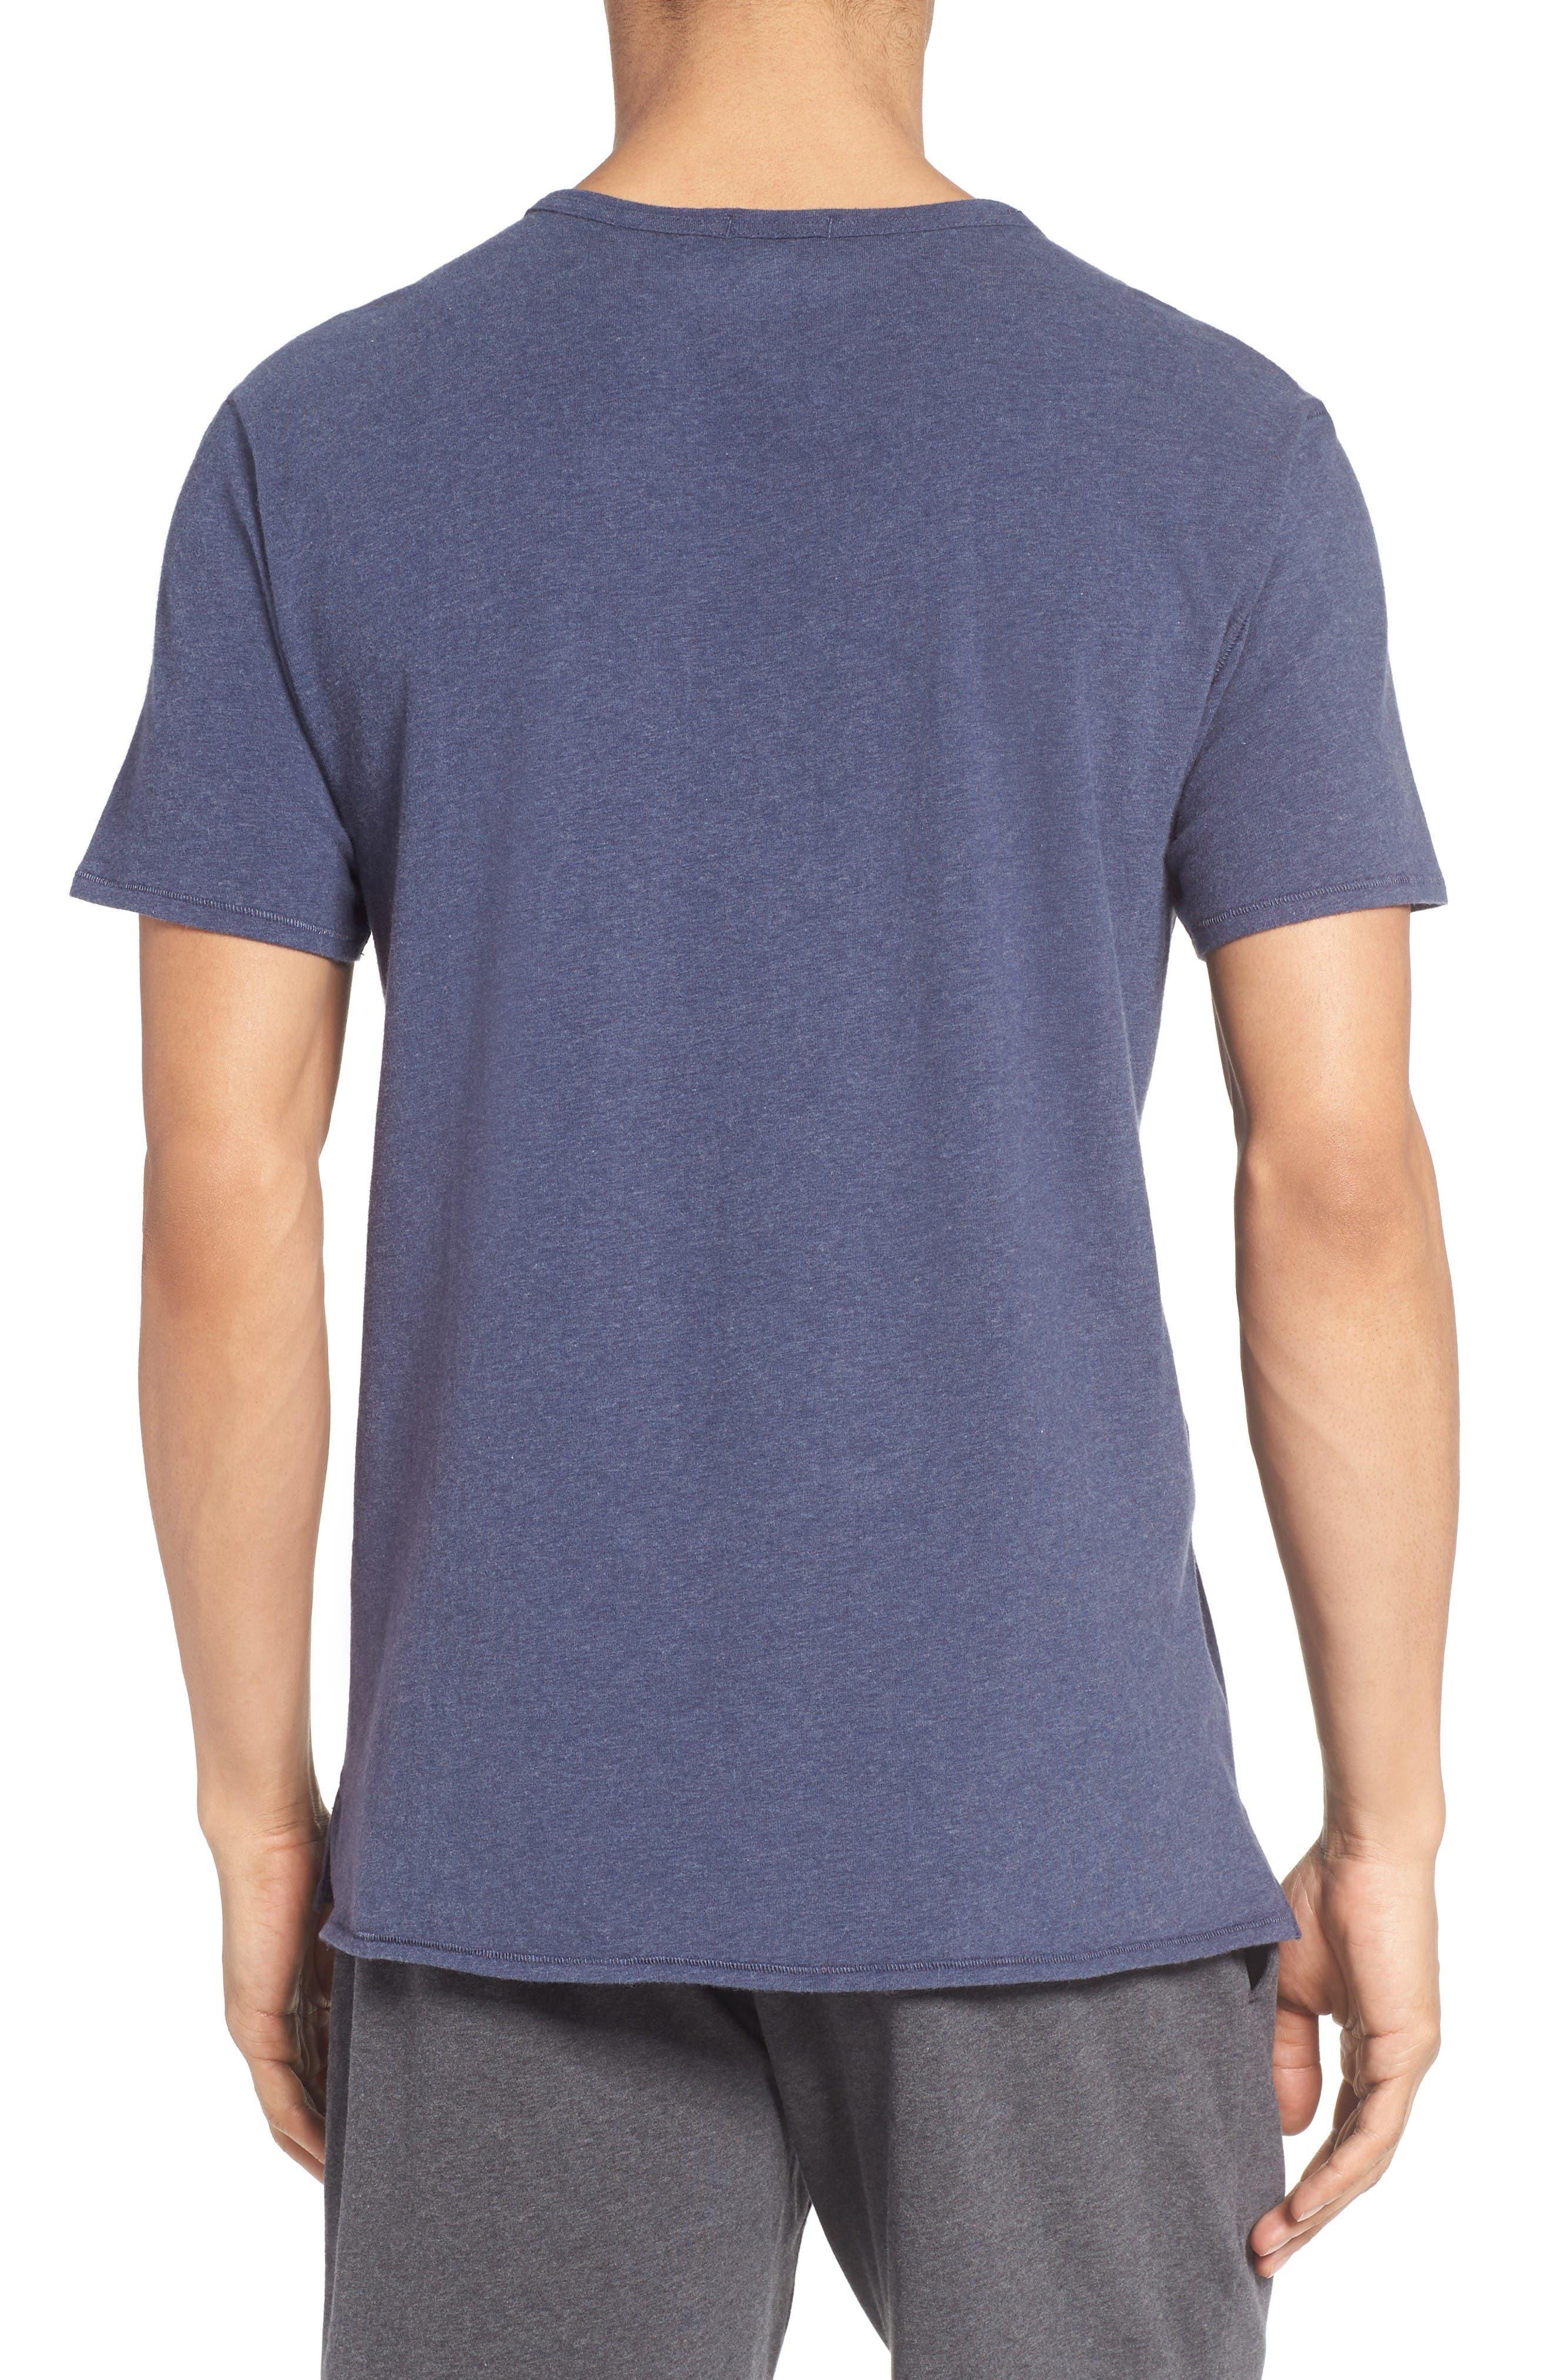 Alternate Image 2  - Nordstrom Men's Shop Stretch Cotton V-Neck T-Shirt